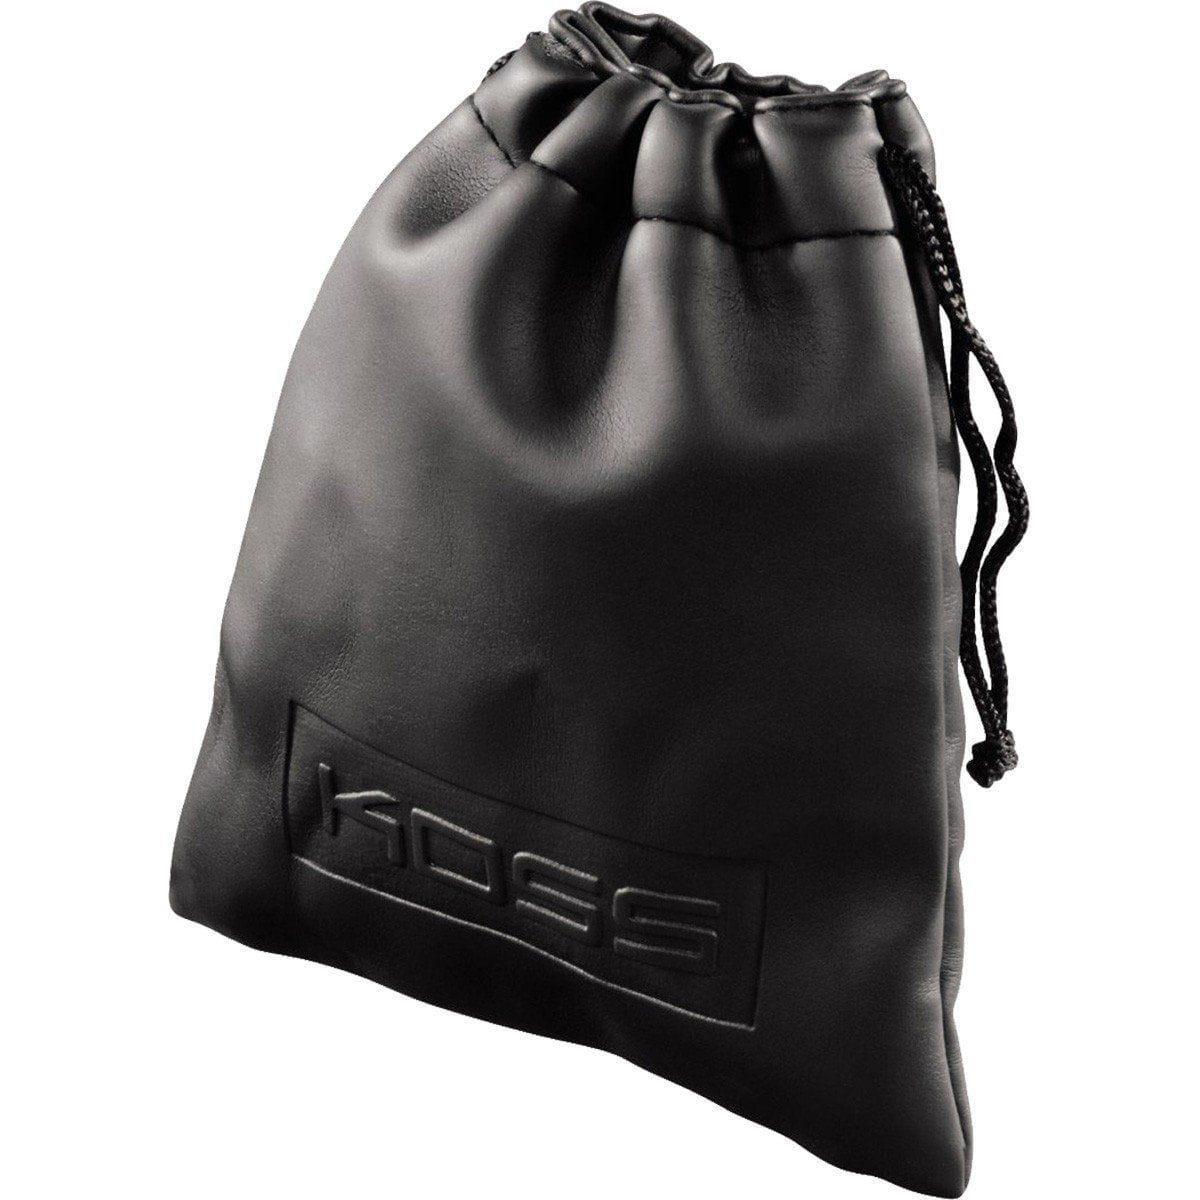 Koss Fone de Ouvido Porta Pro Classic (Com Bag)